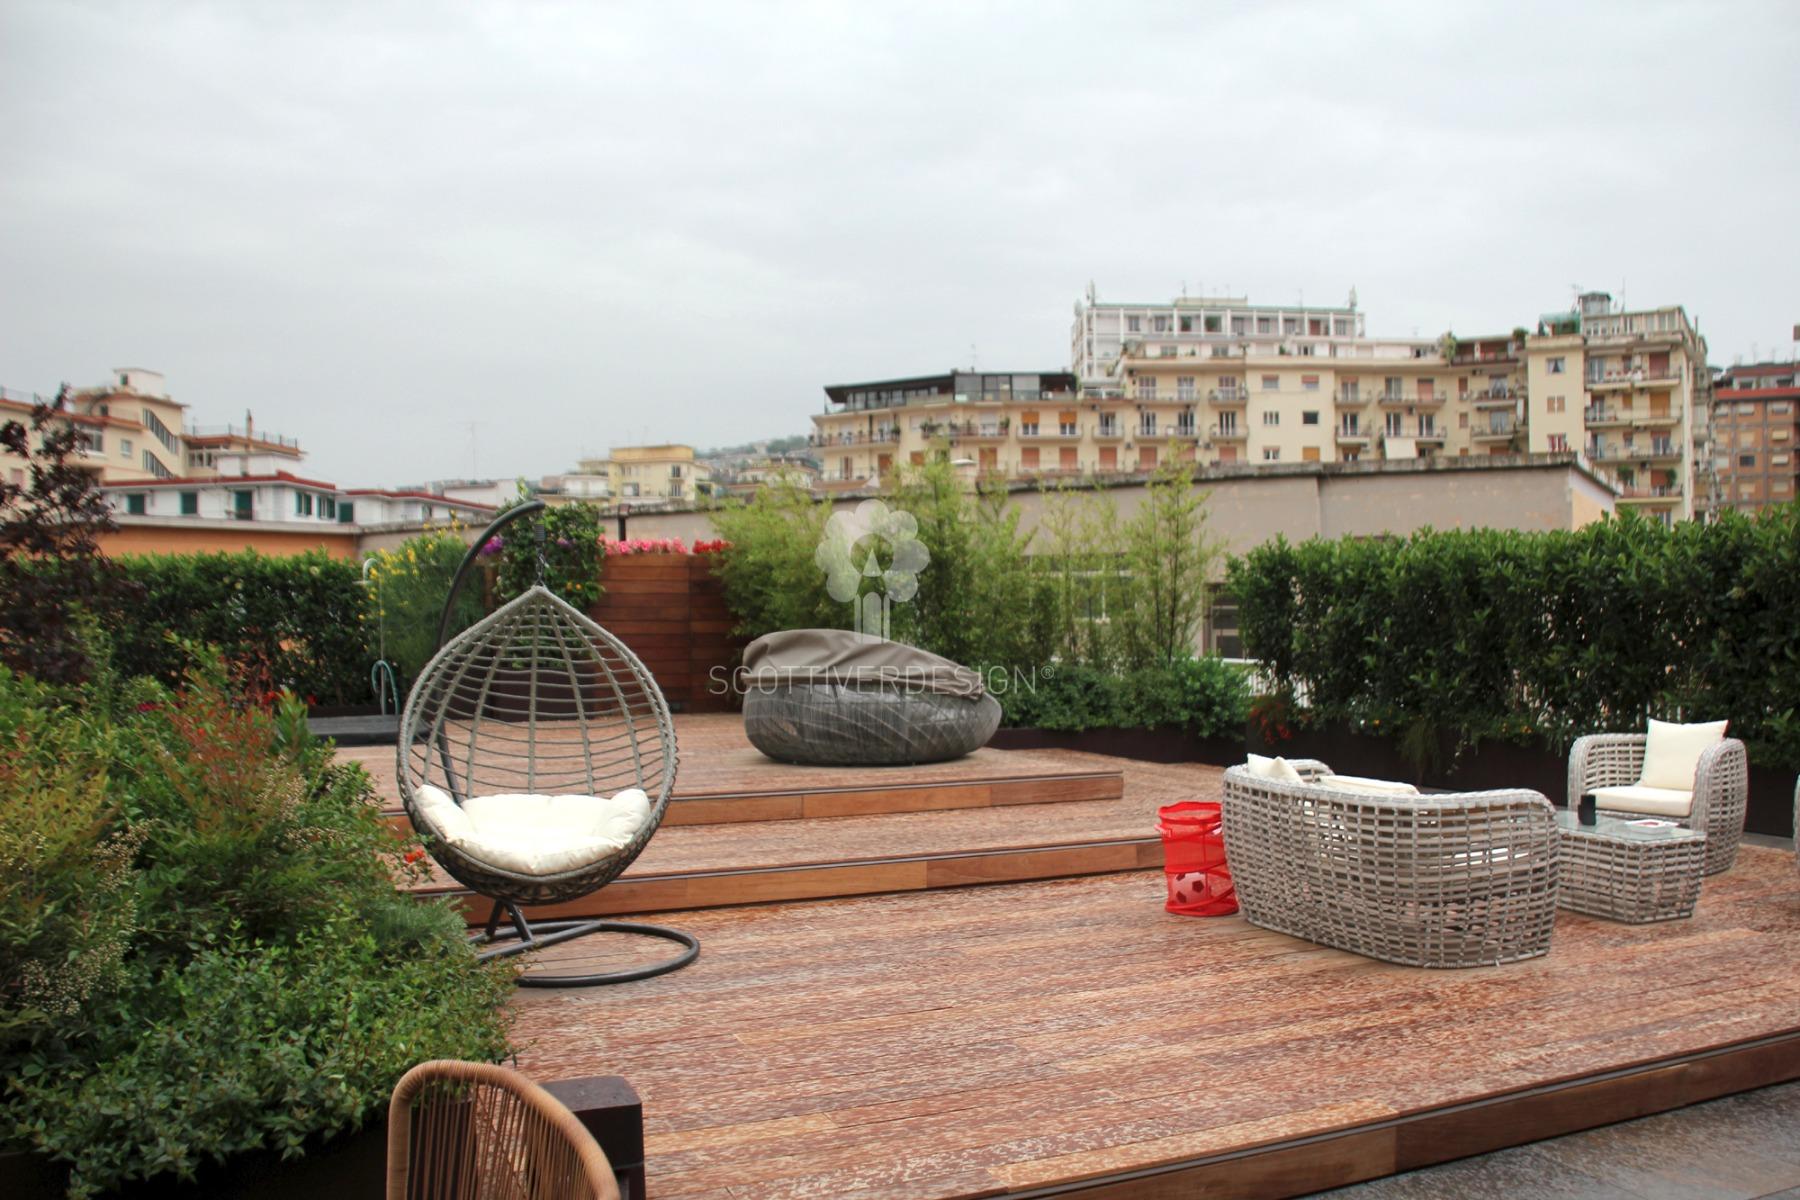 Giardino pensile sul terrazzo-scottiverdesign - Scottiverdesign.it ...